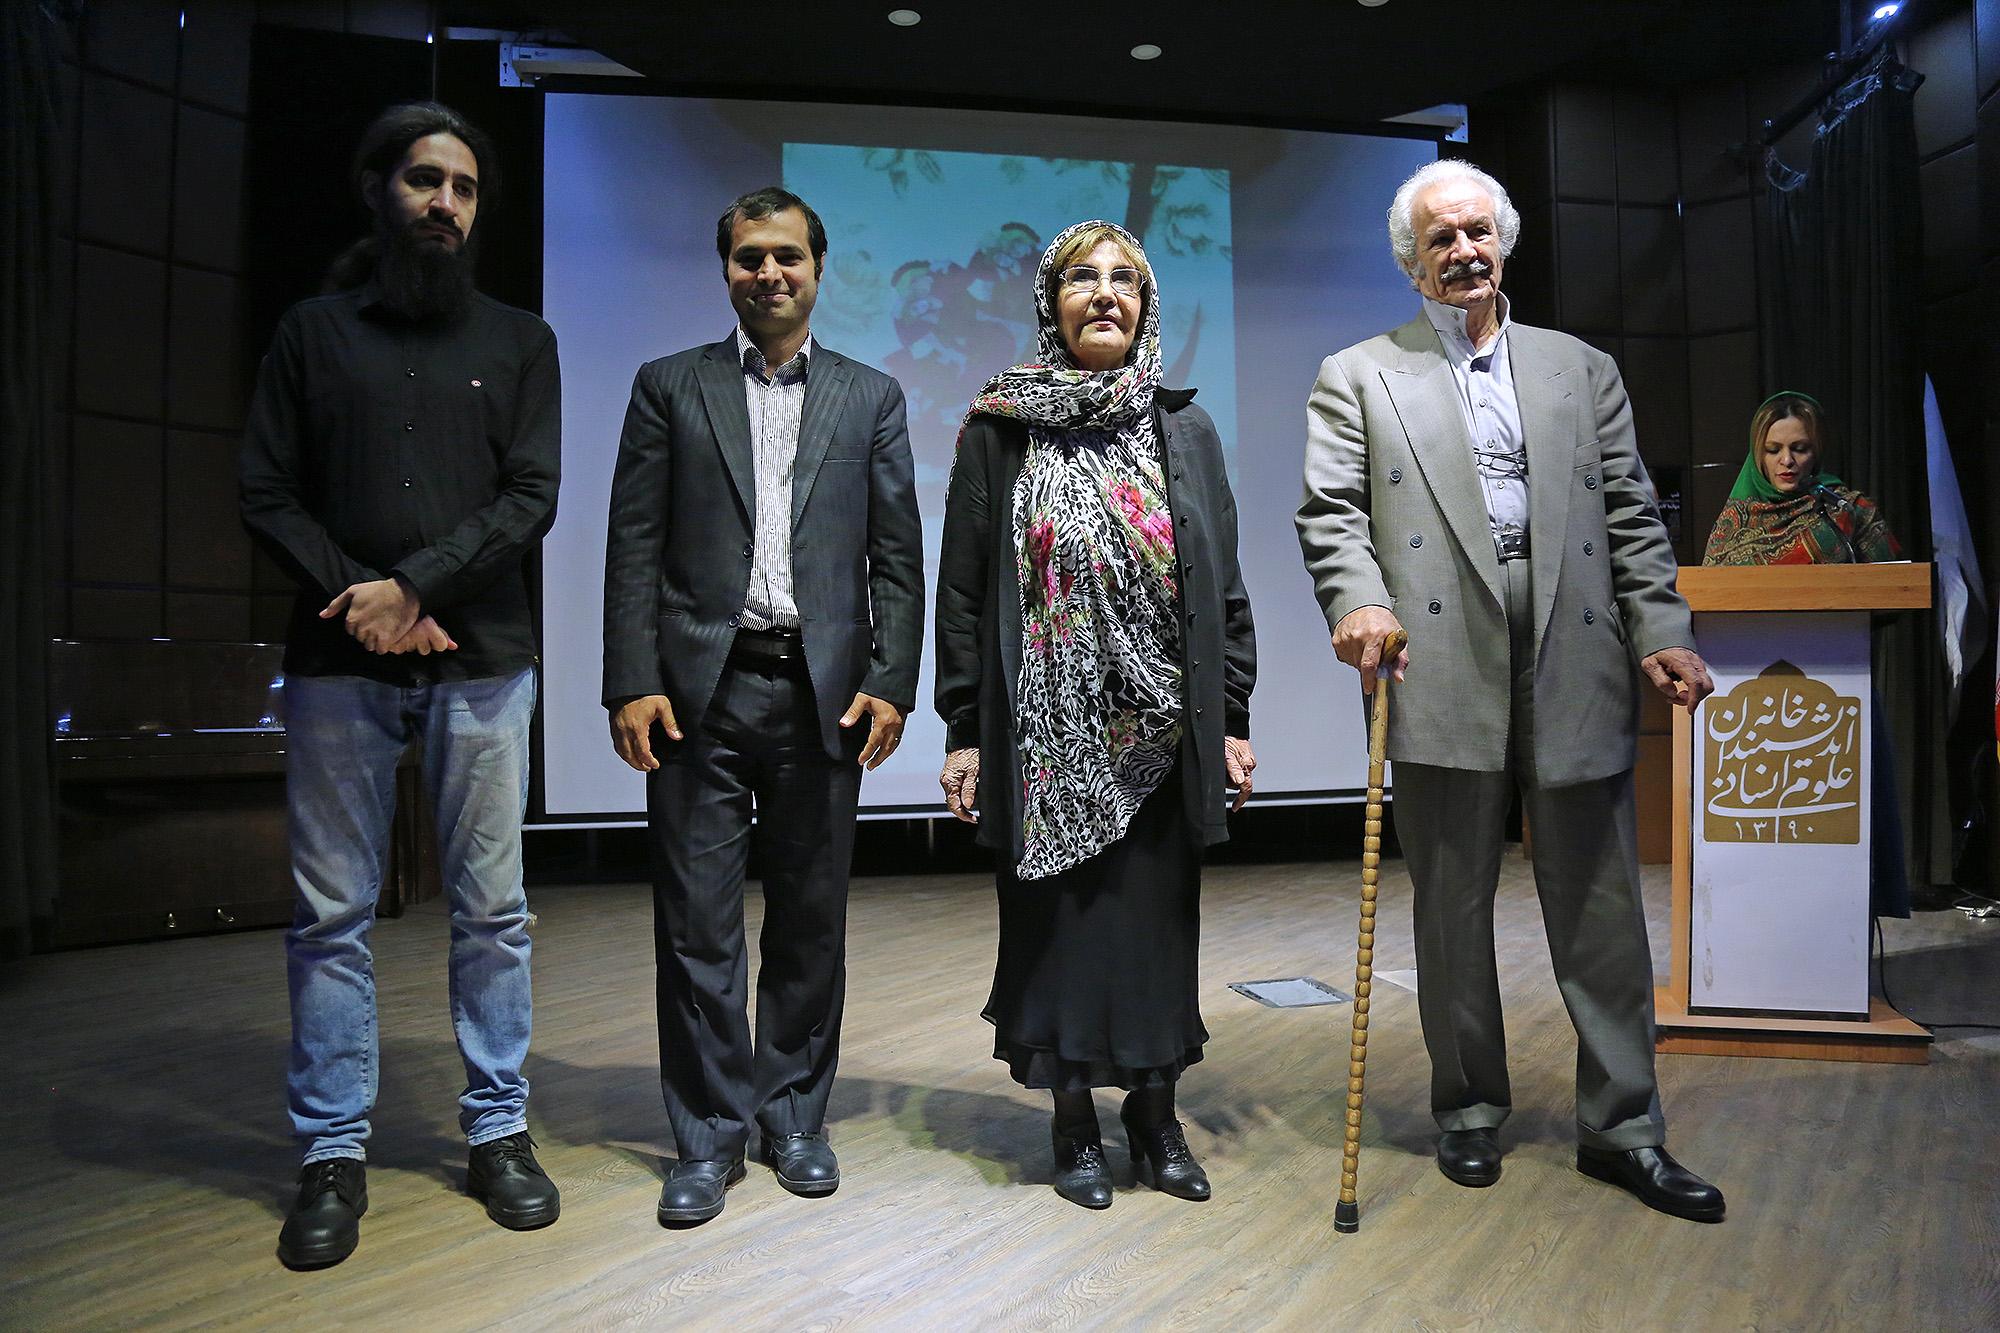 علیرضا شجاع پور، هما ارژنگی، نیایش سرامی و کورش جوادی (دبیر جشنواره شعر شاهنامه)